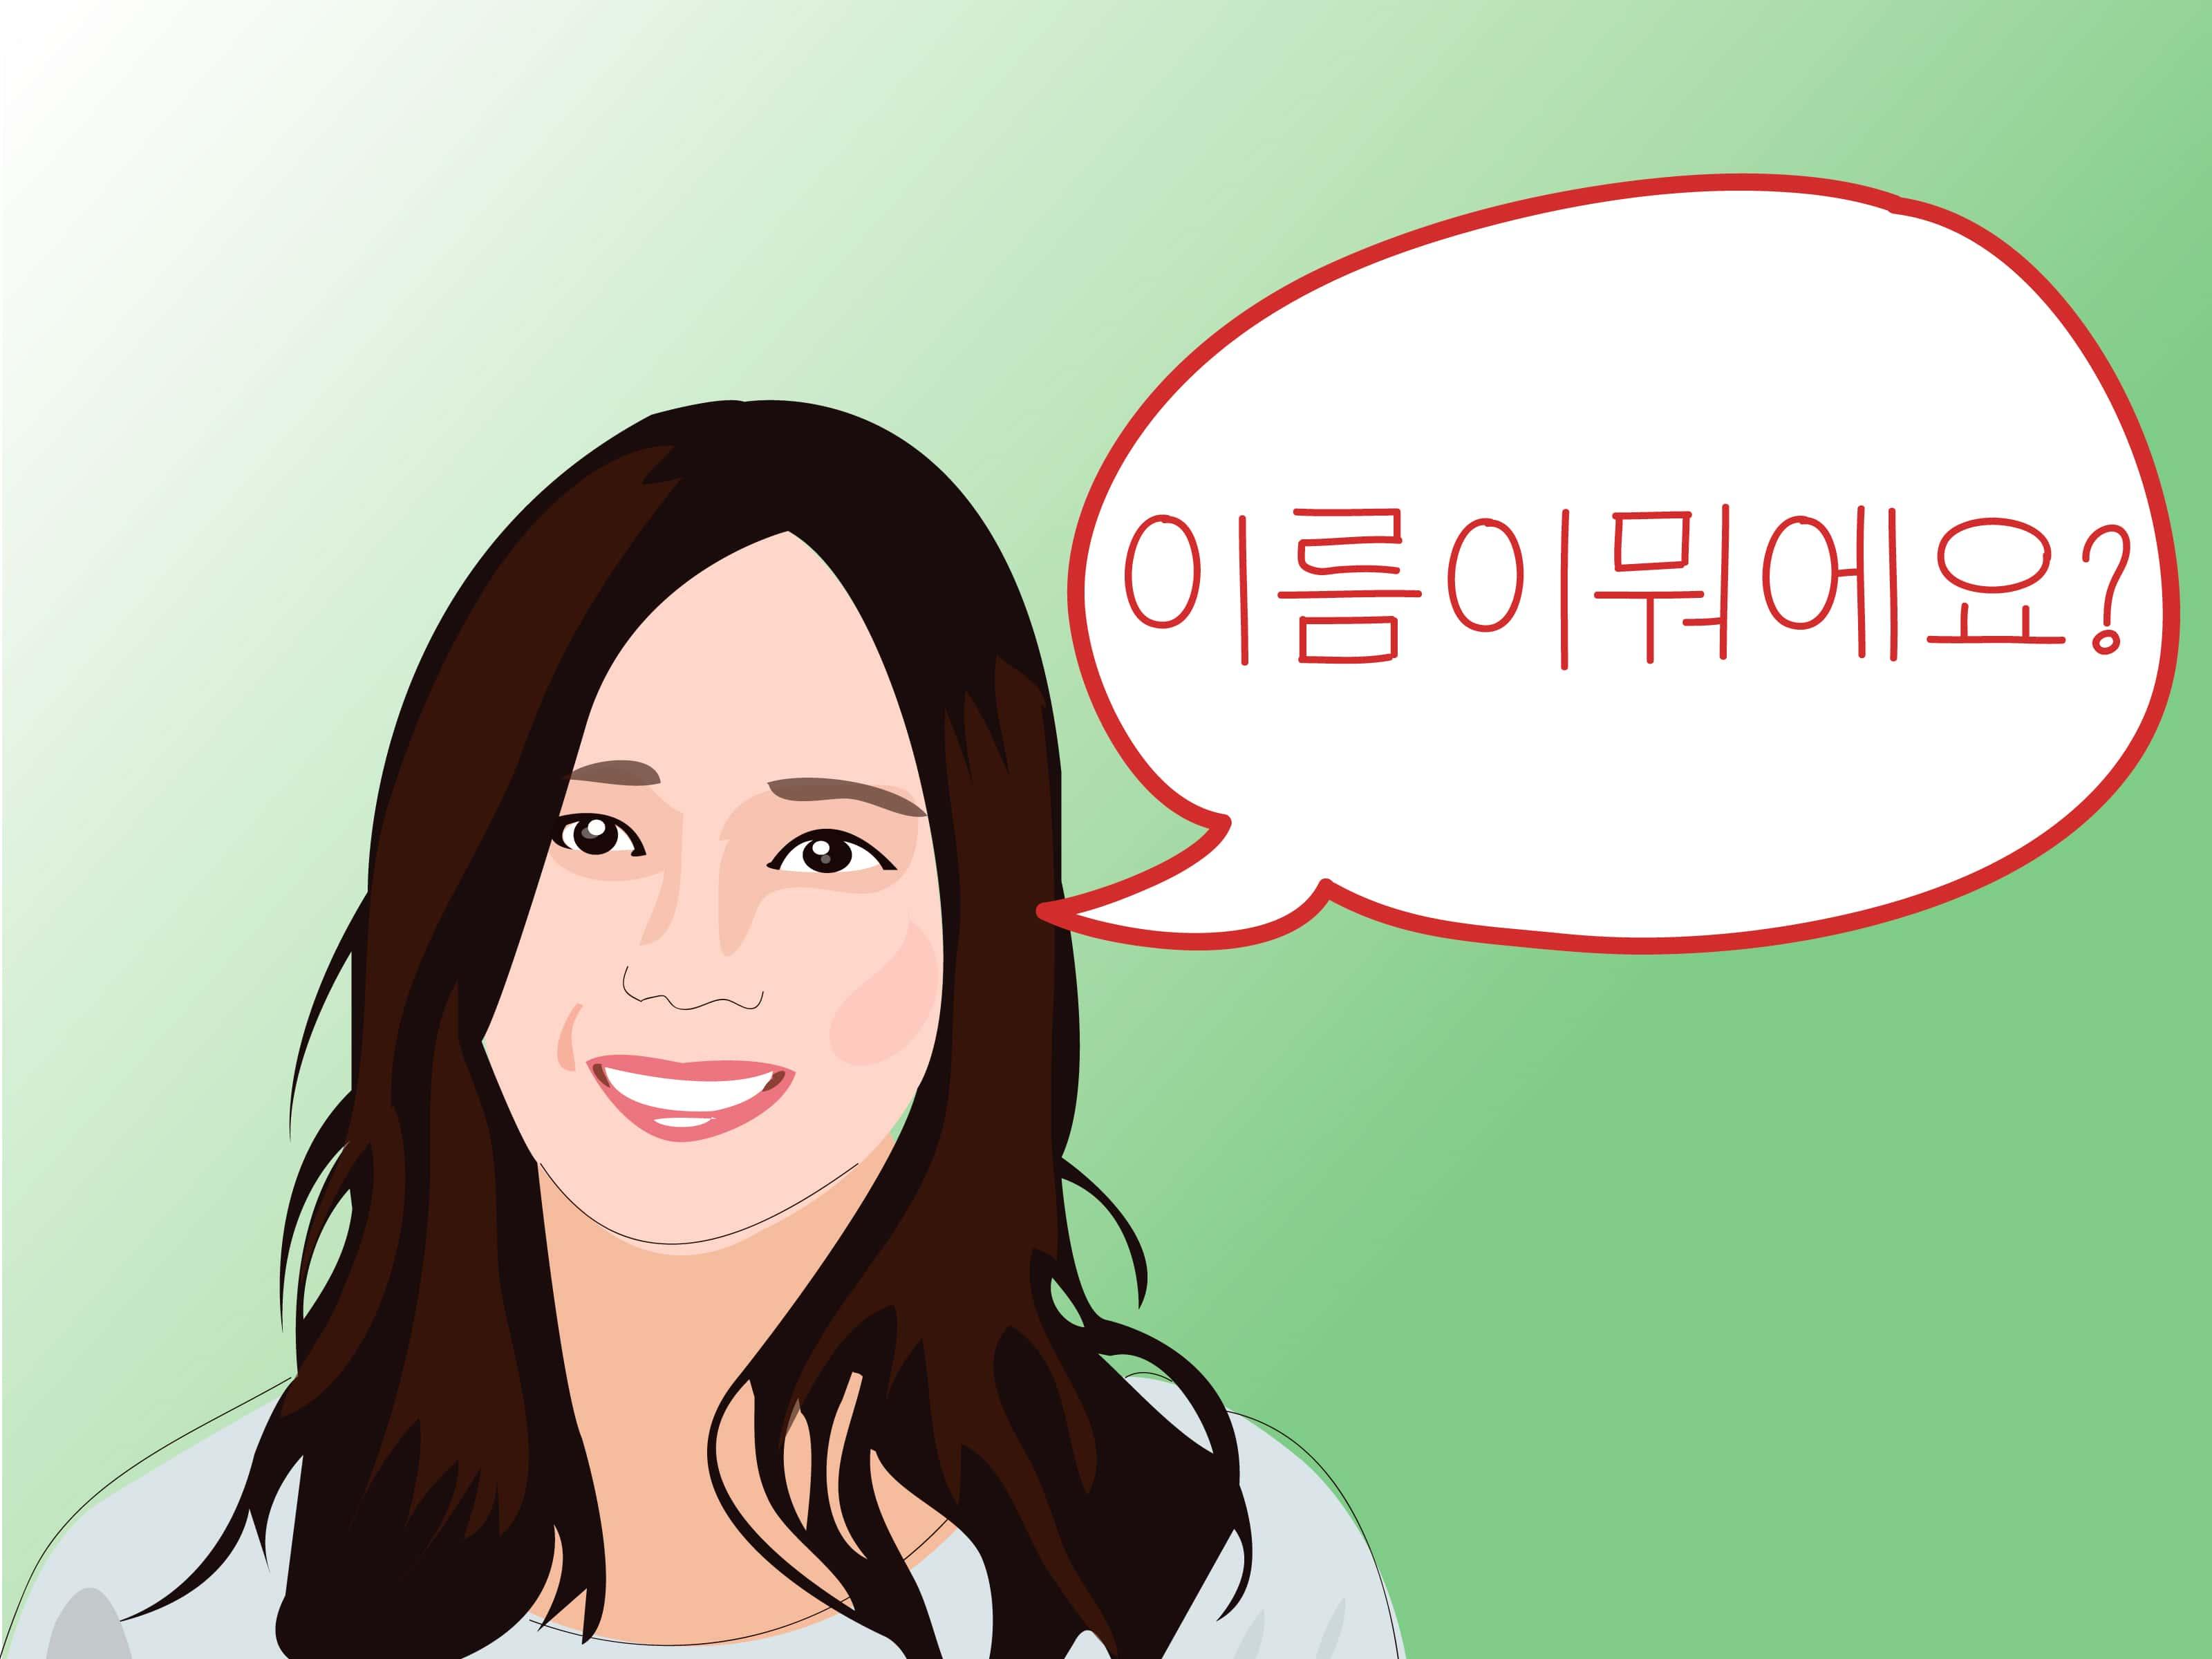 Bilingual Trash Talk Facts